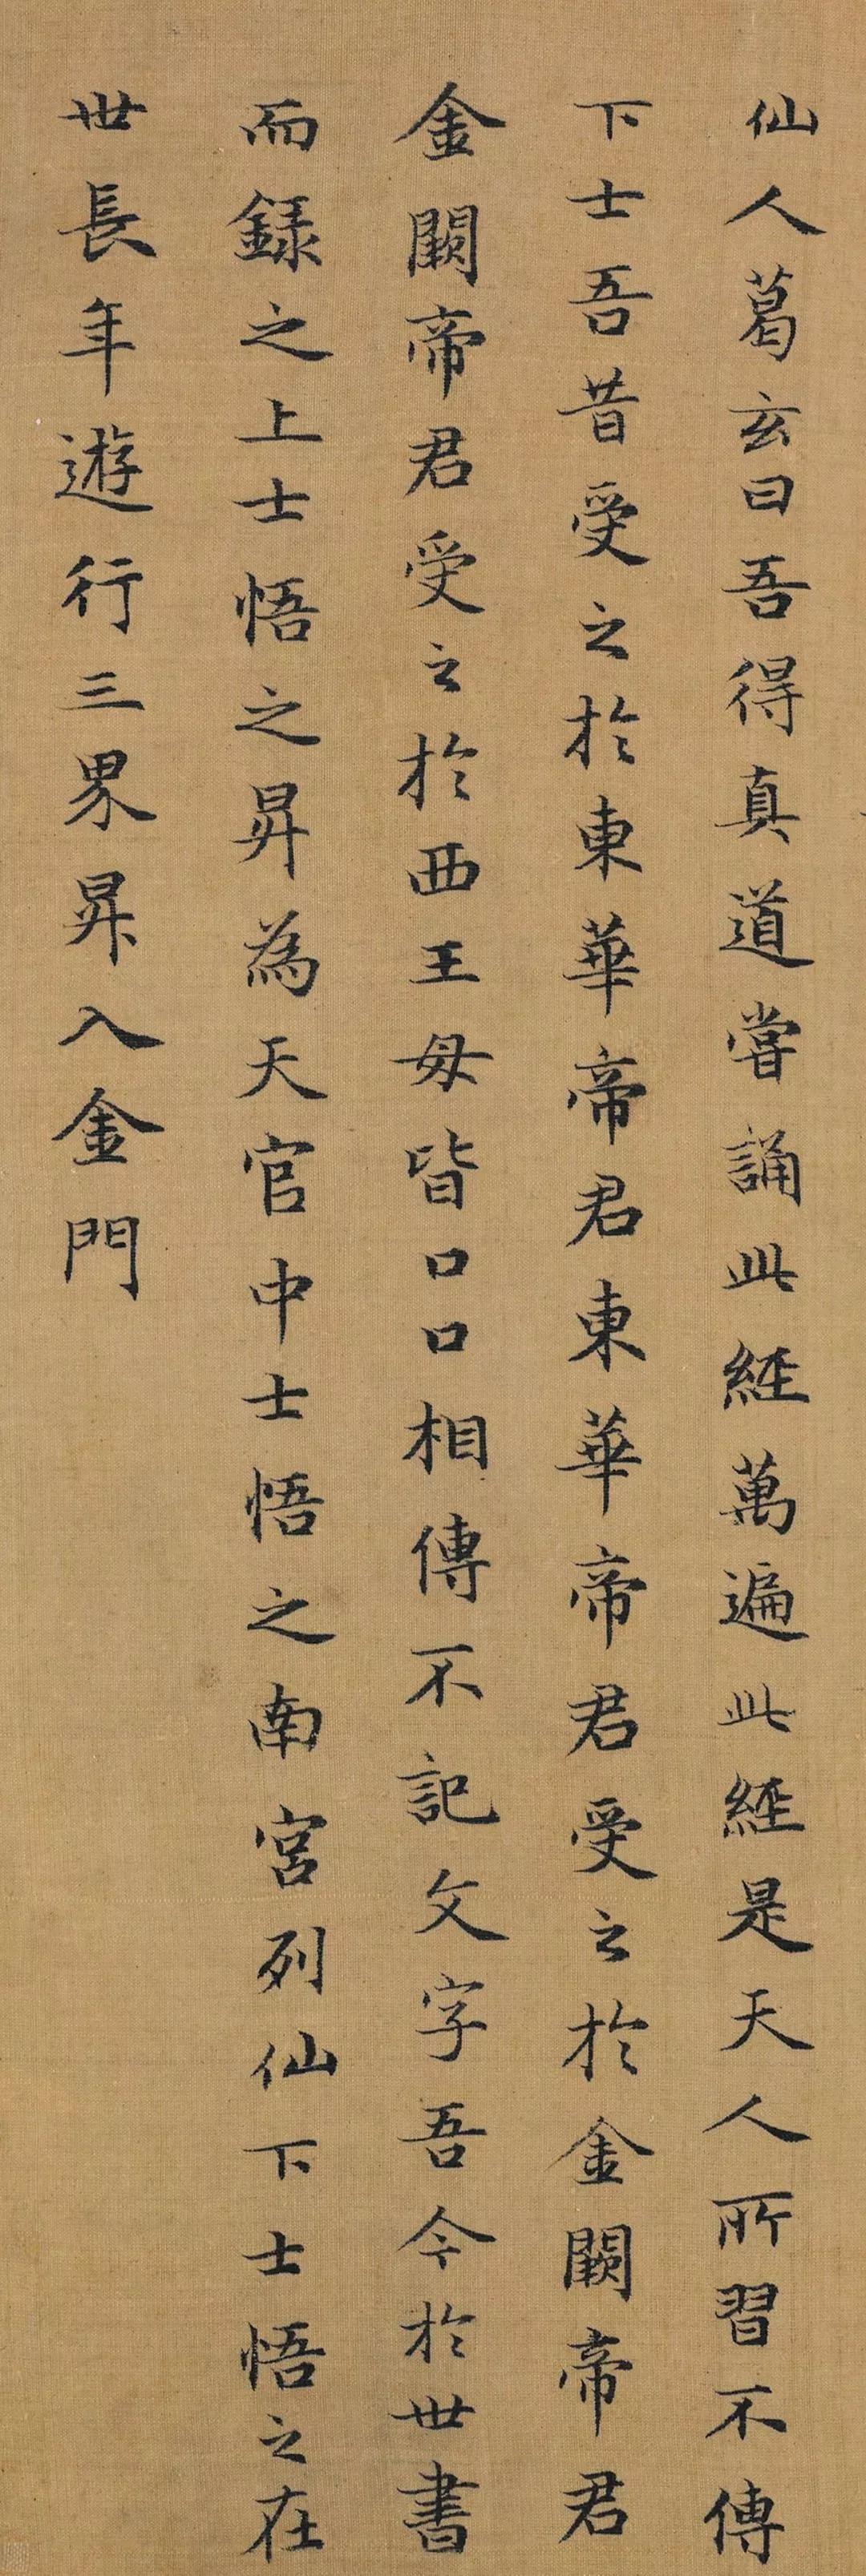 赵孟頫小楷《常清静经》绢本,灵飞经气韵!